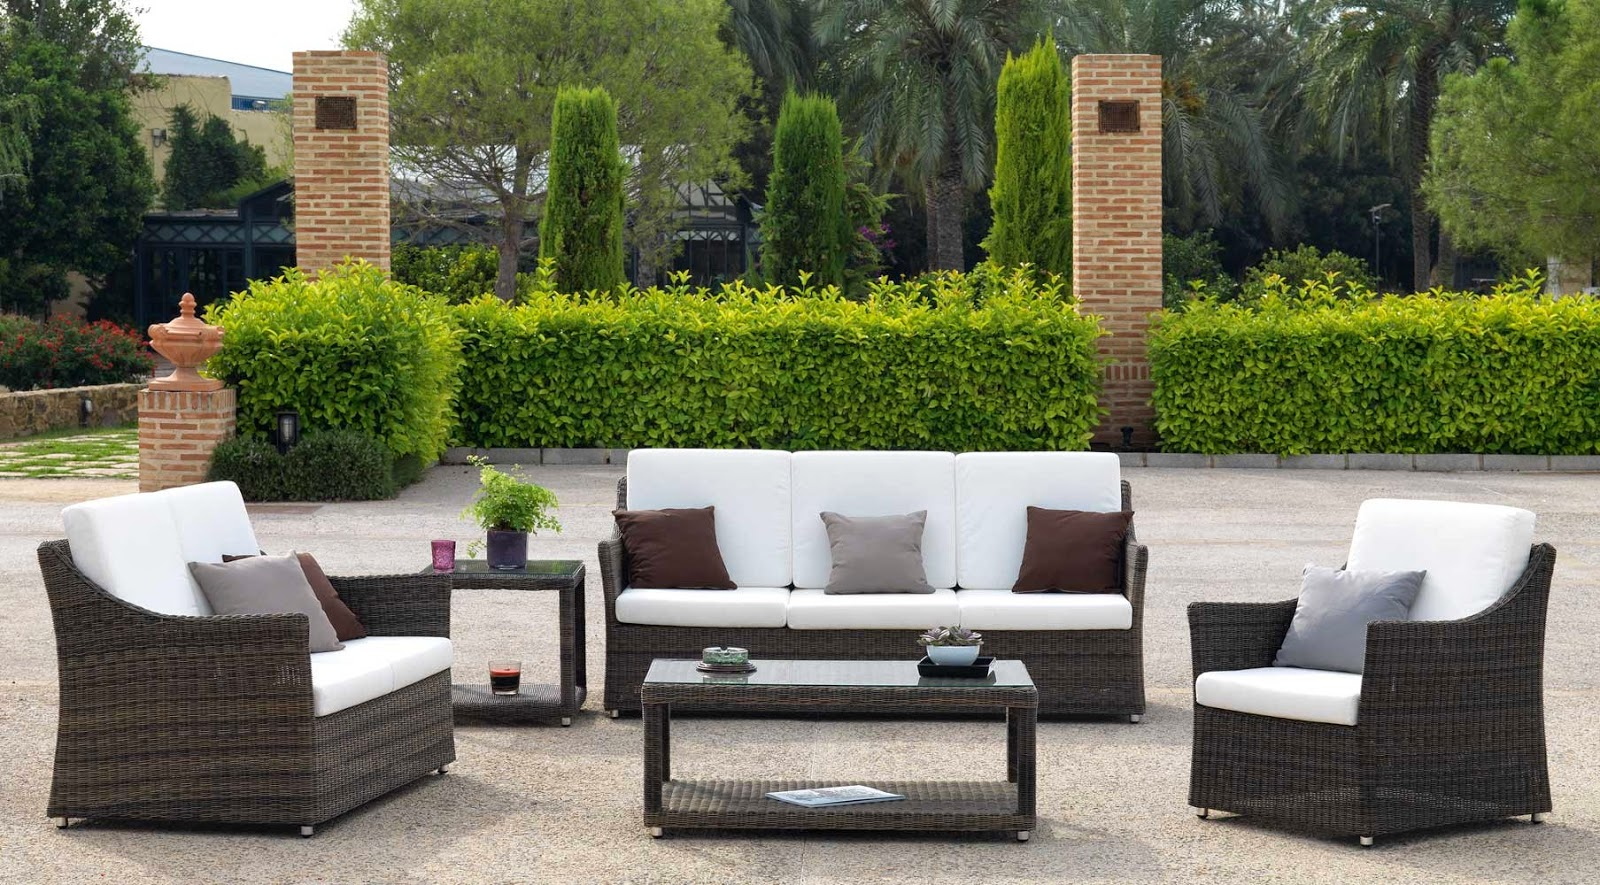 Blog de mbar muebles muebles de exterior for Muebles palets jardin exterior